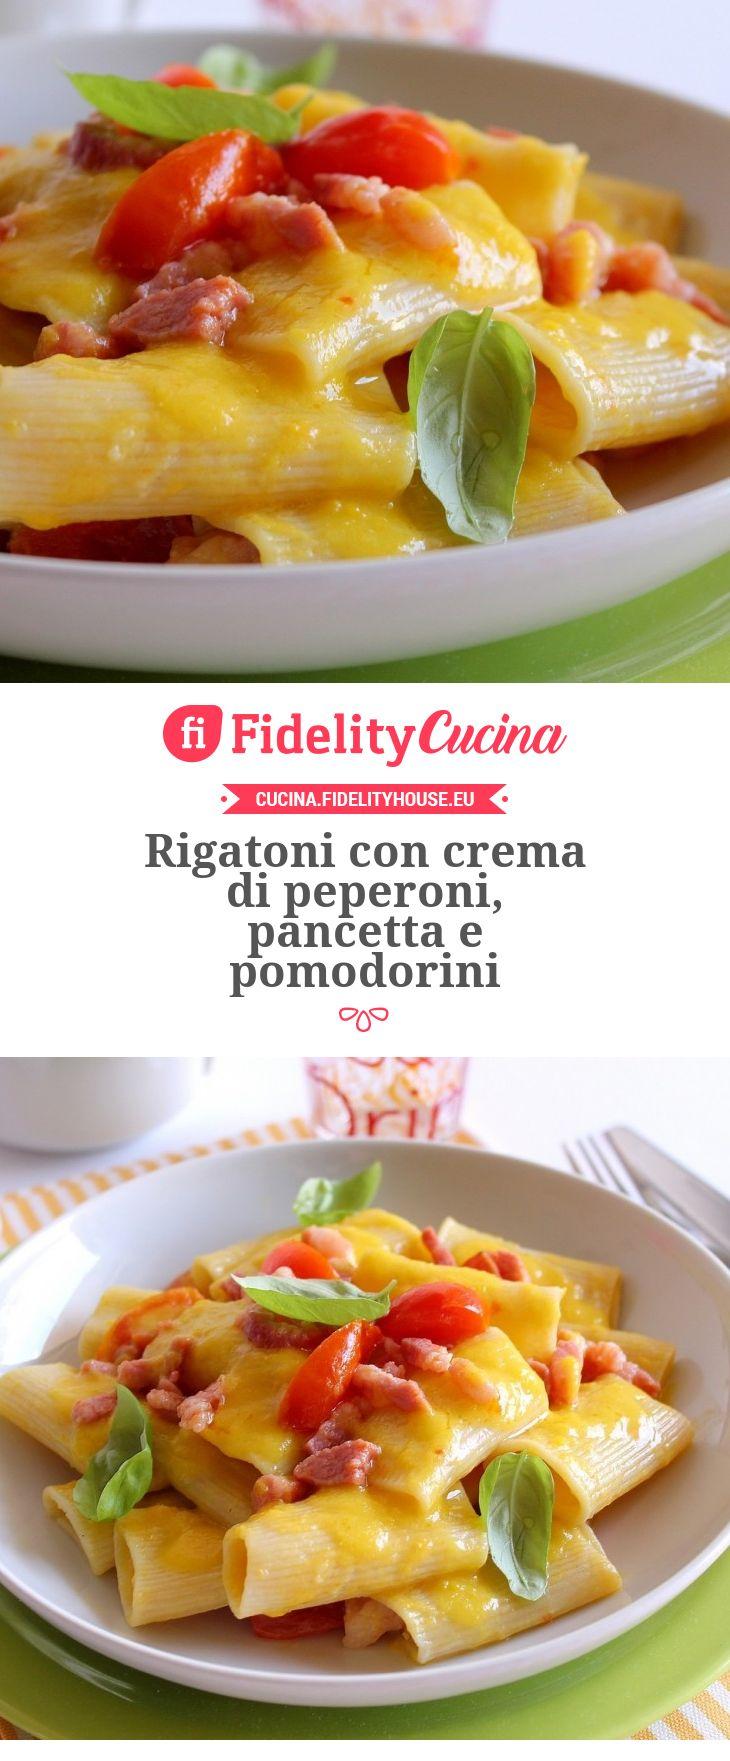 Rigatoni con crema di peperoni, pancetta e pomodorini